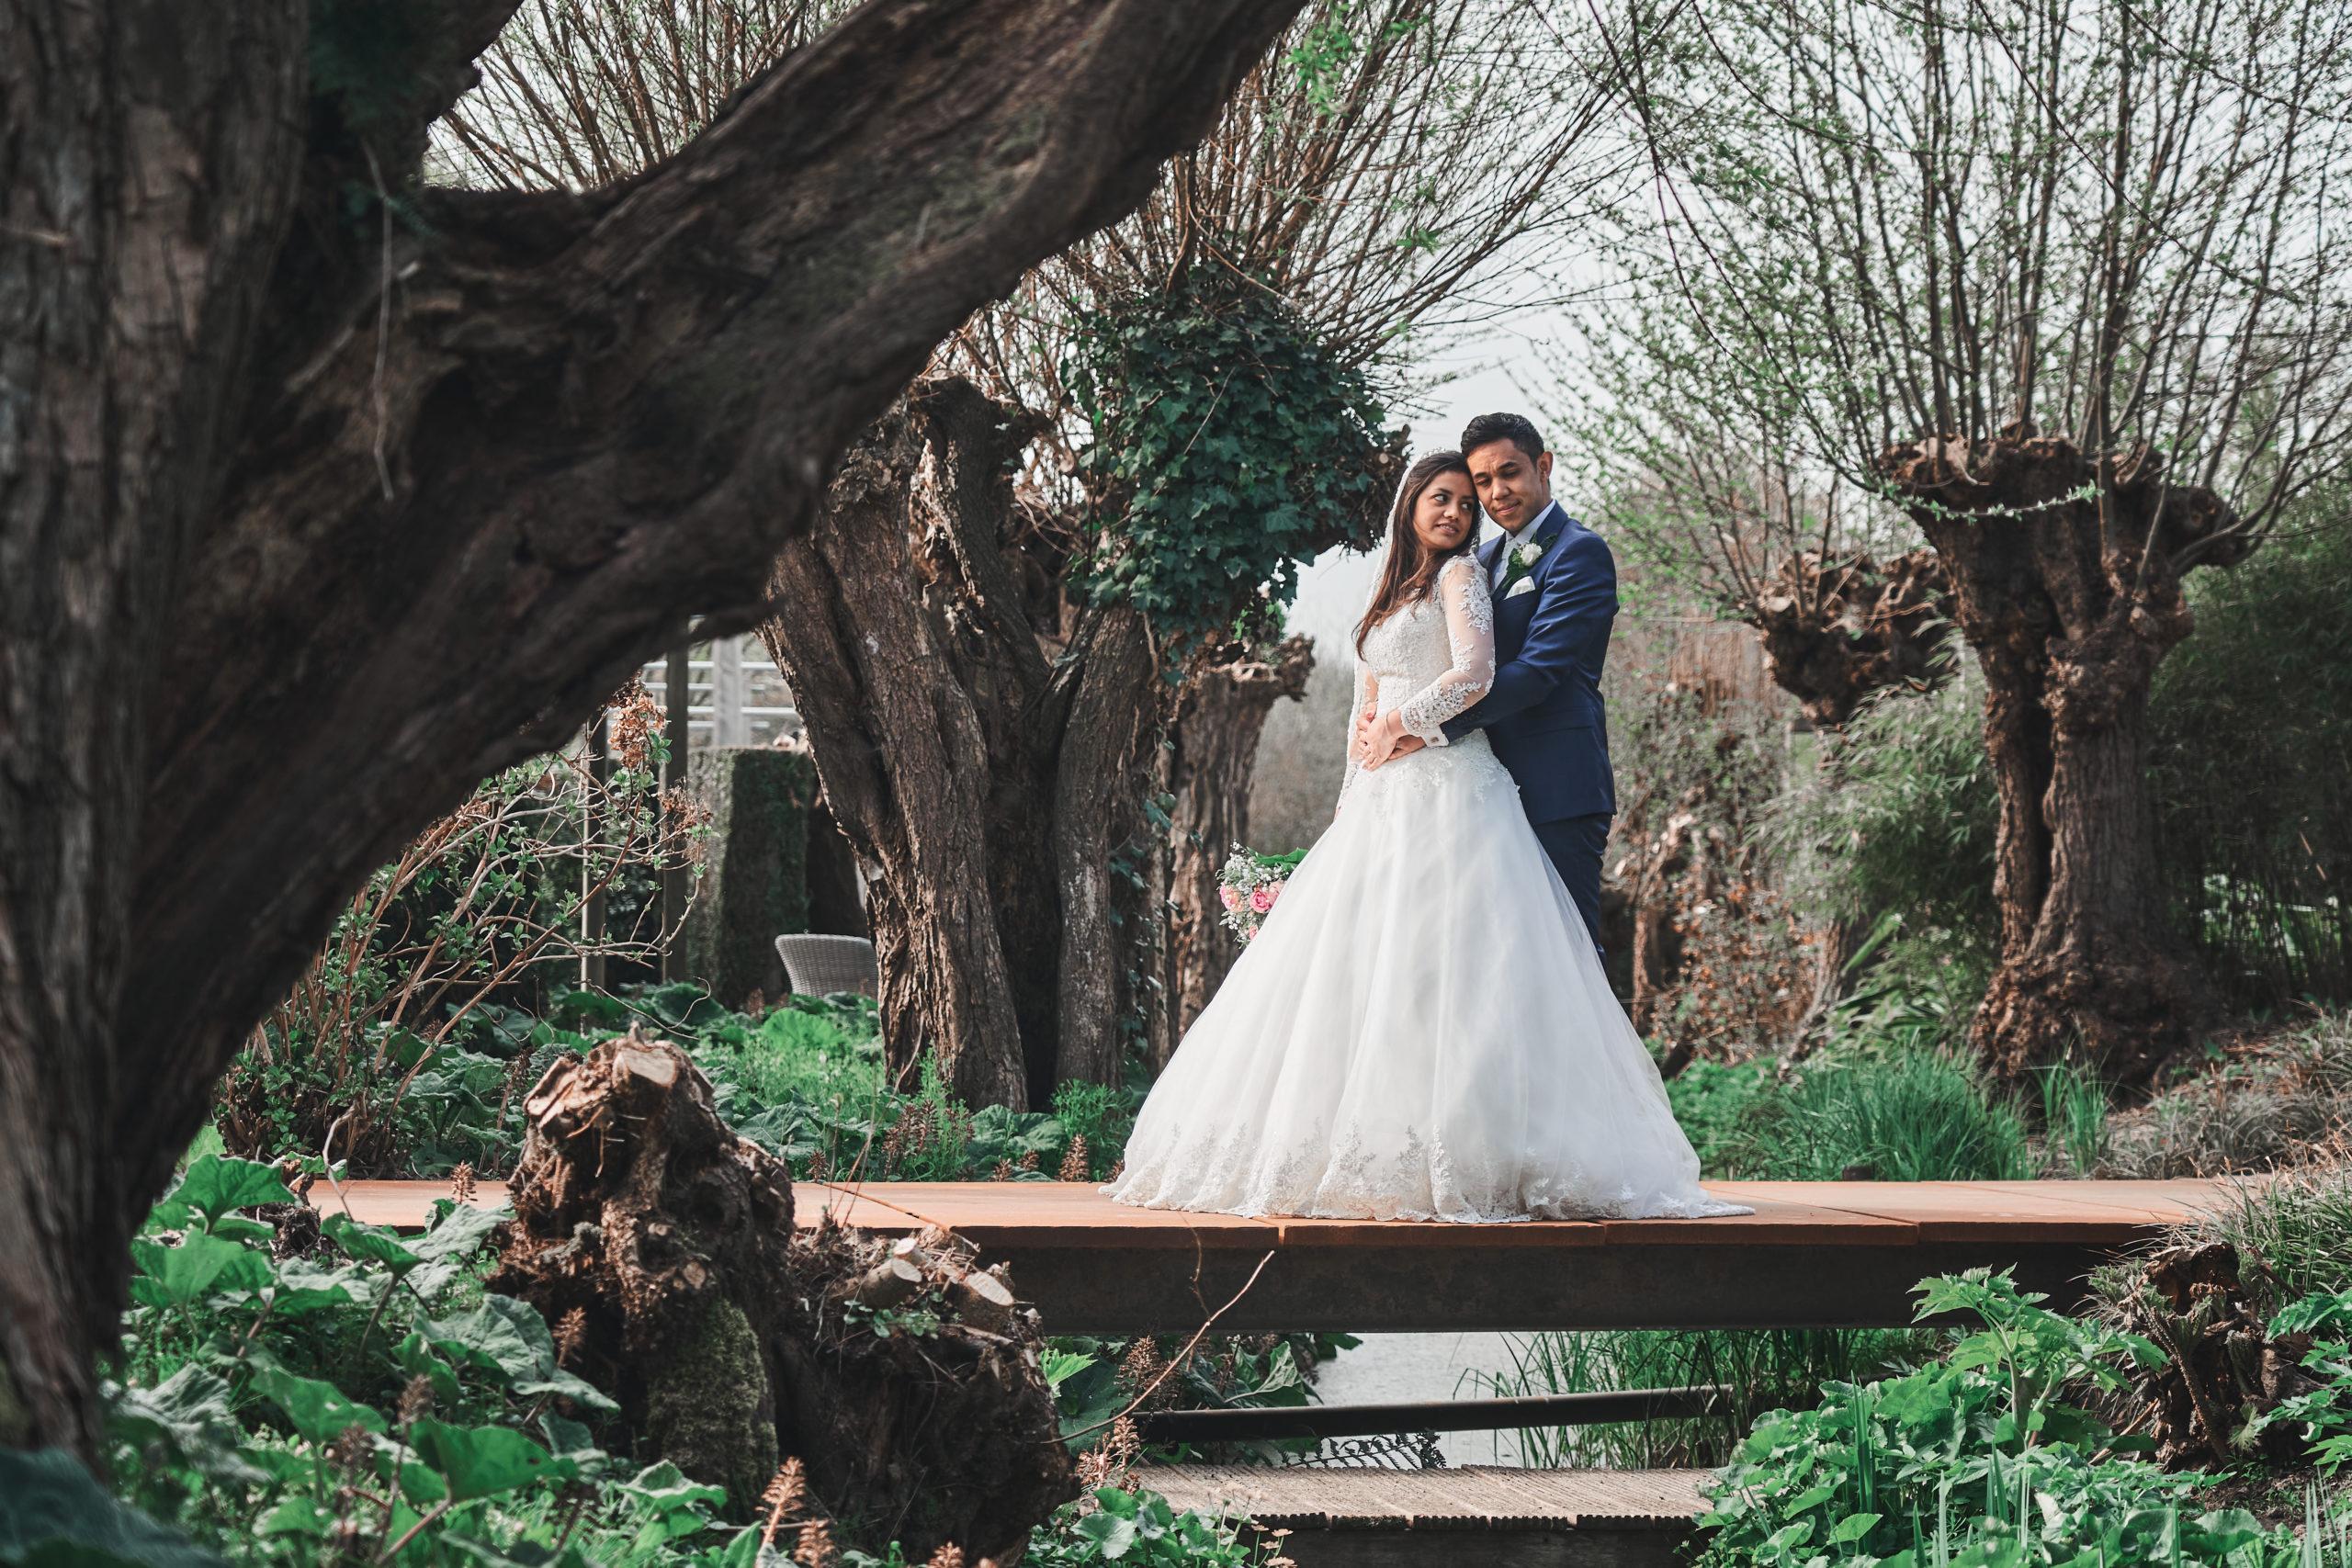 Bruidsfotografie, Viwa fotografie, trouwfotografie, trouwen foto